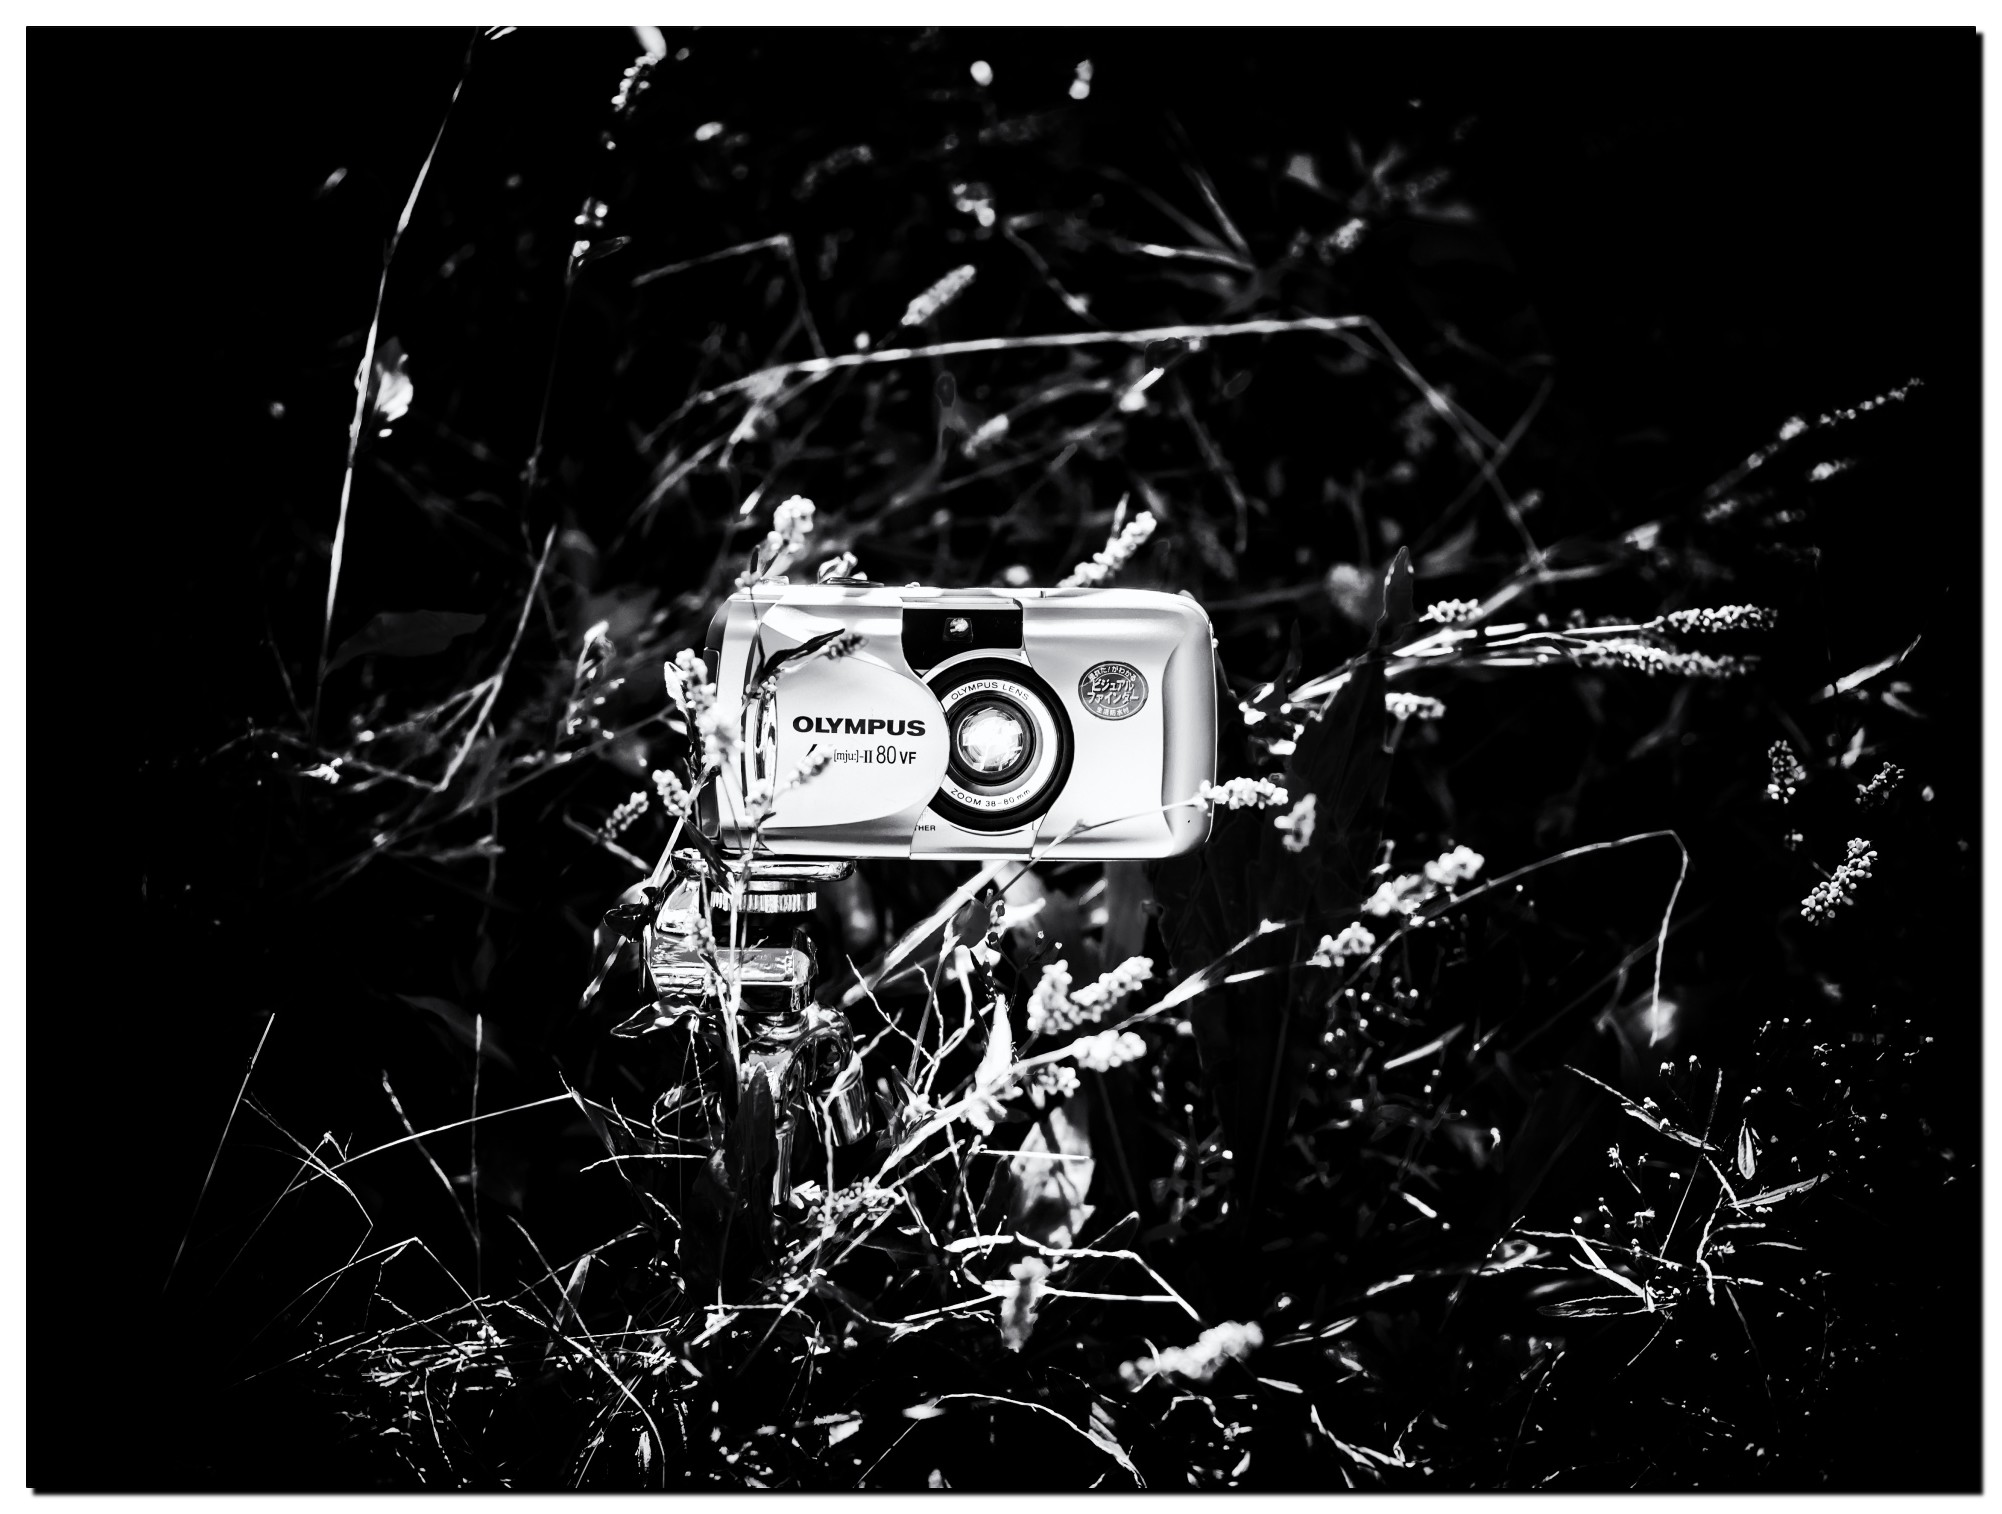 02LR-PF229169-Edit-3.jpg